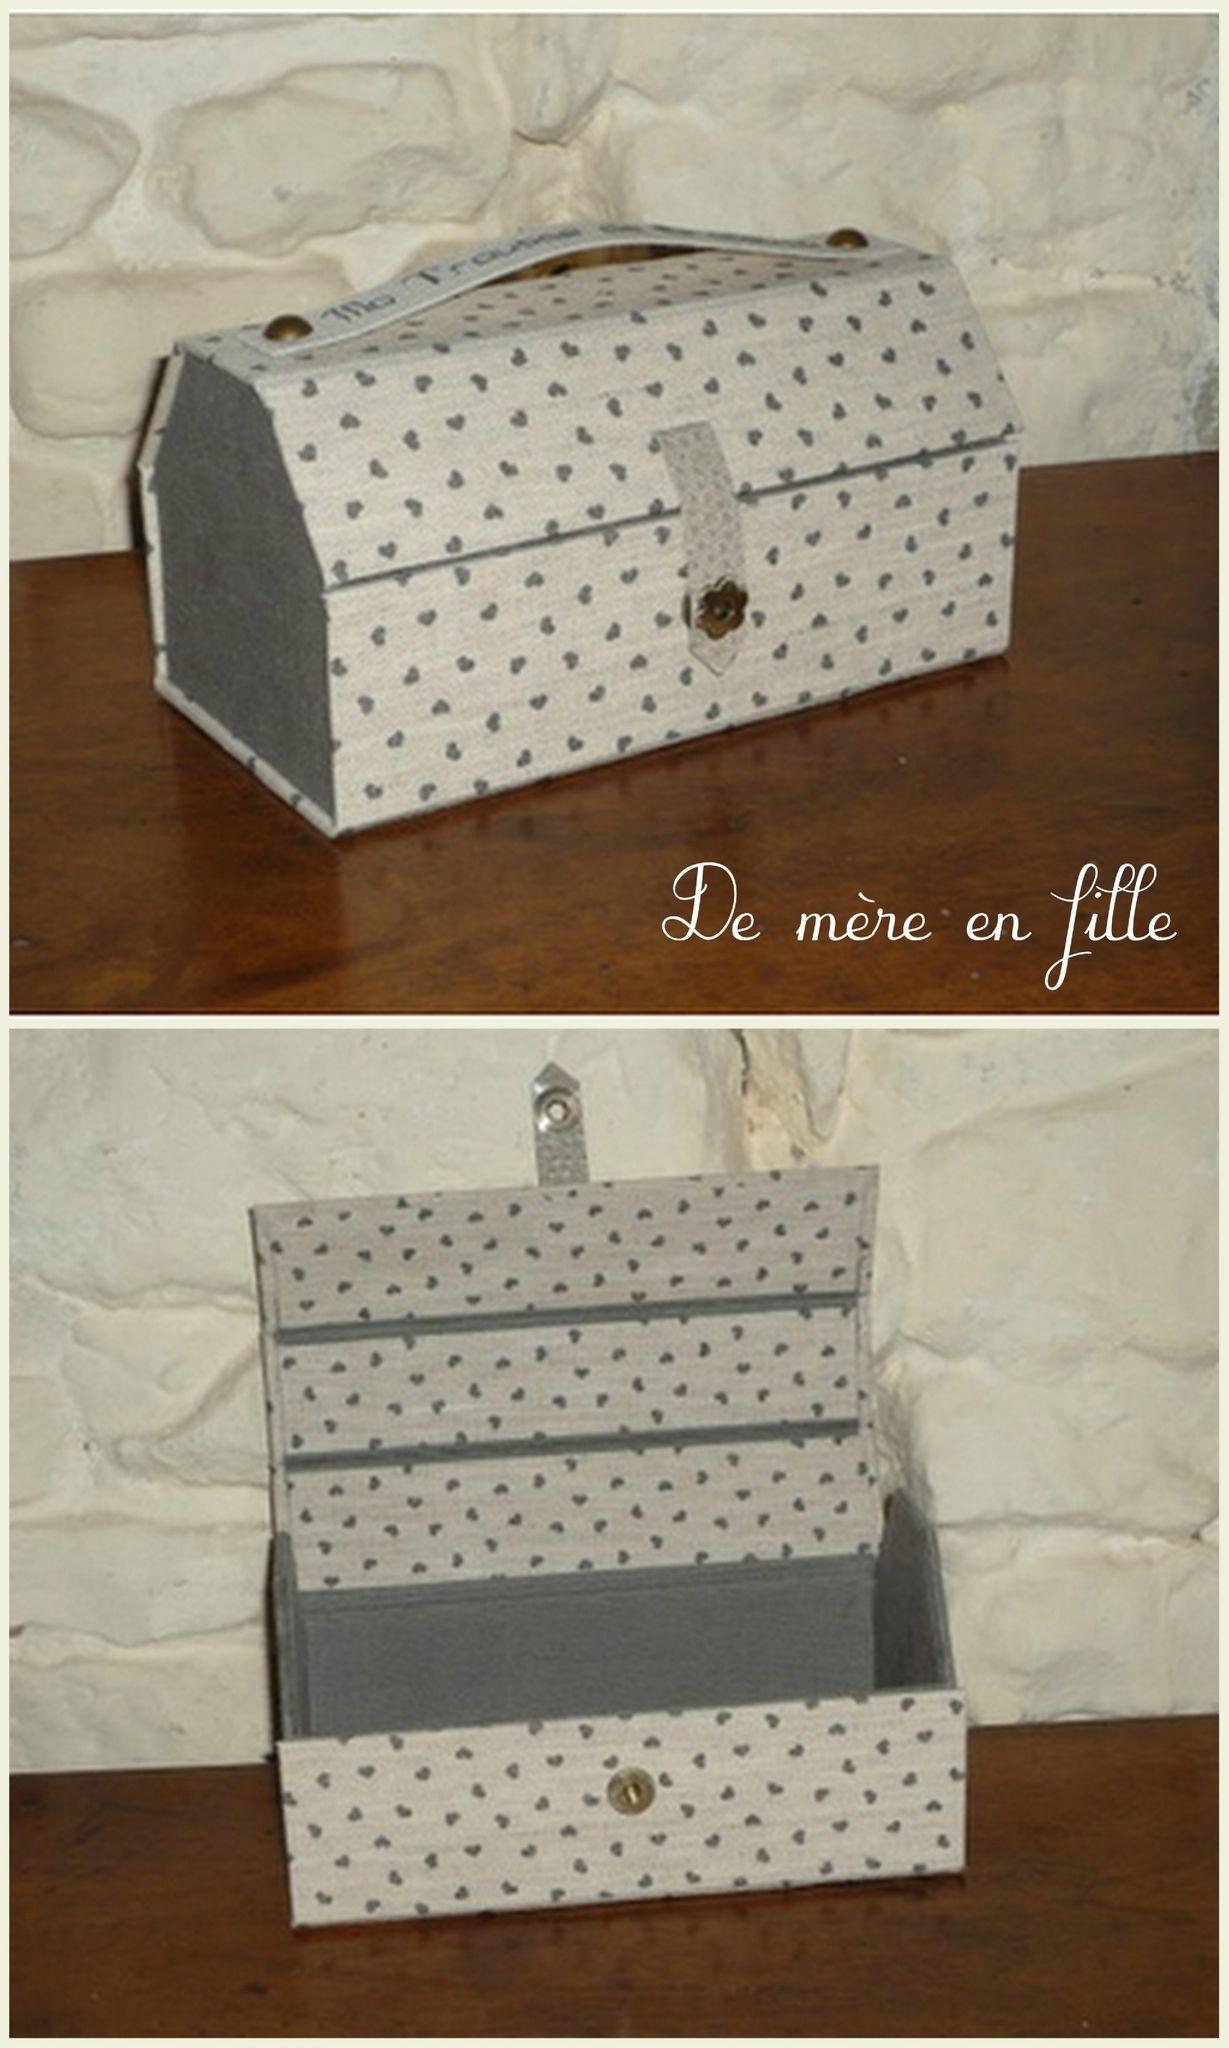 Kits & Fiches cartonnage - De mère en fille   Tutoriels cartonnage, Cartonnage boite, Cartonnage